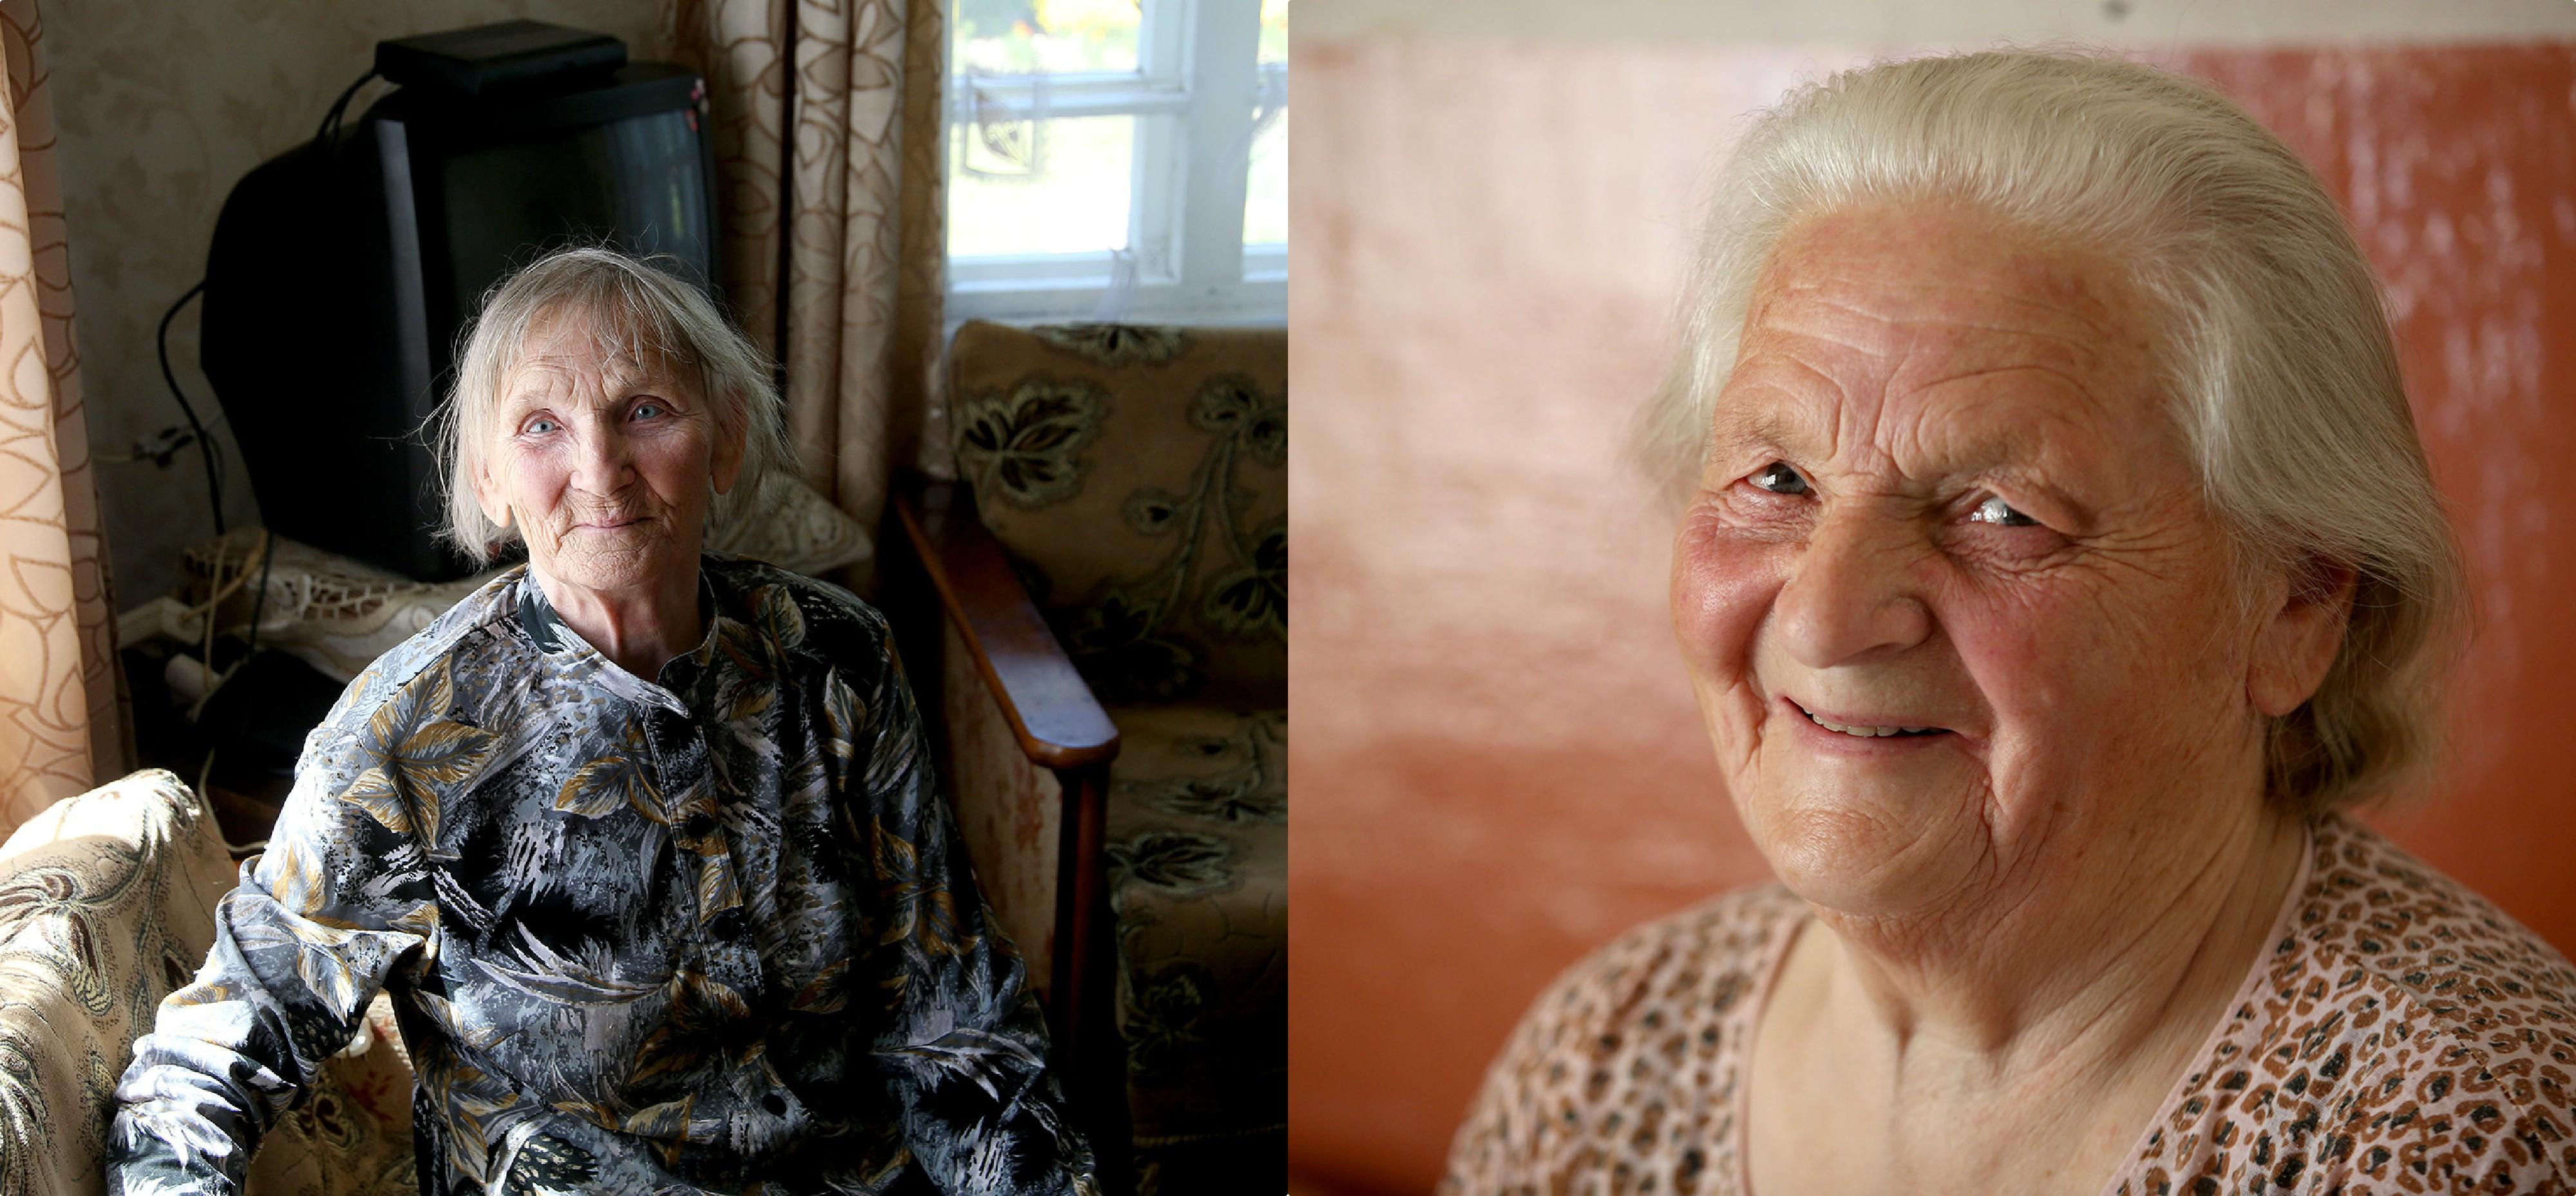 Kad Janinai vienai nebūtų liūdna, ji vienkiemyje gyvena su pussesere Tekle (dešinėje). Abiejų moterų amžius panašus, tad jos visada randa bendrą kalbą. Algimanto Barzdžiaus nuotr.